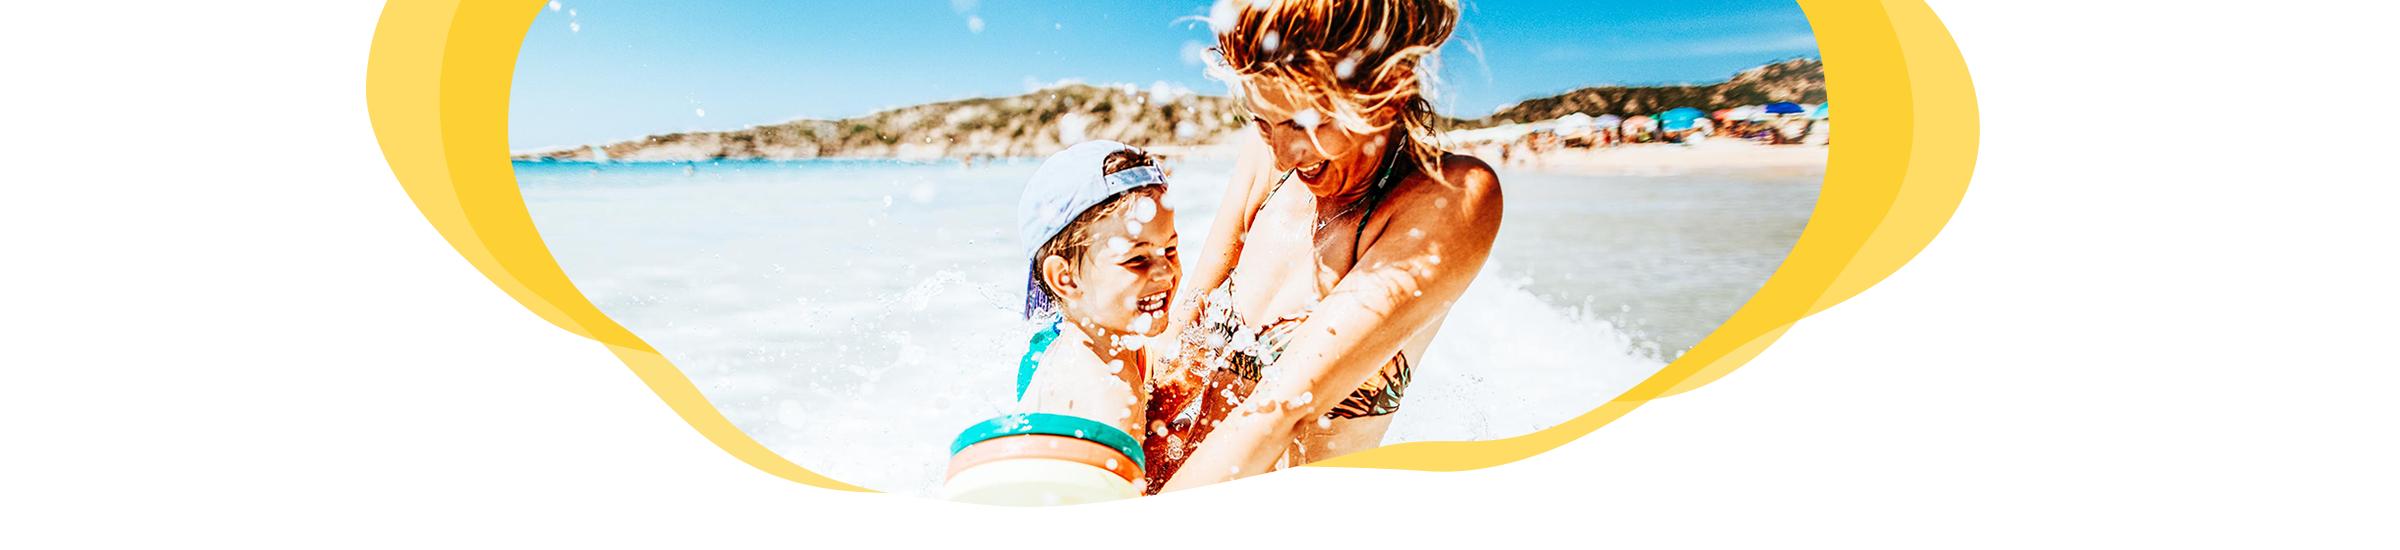 Familienurlaub auf den Balearen Header